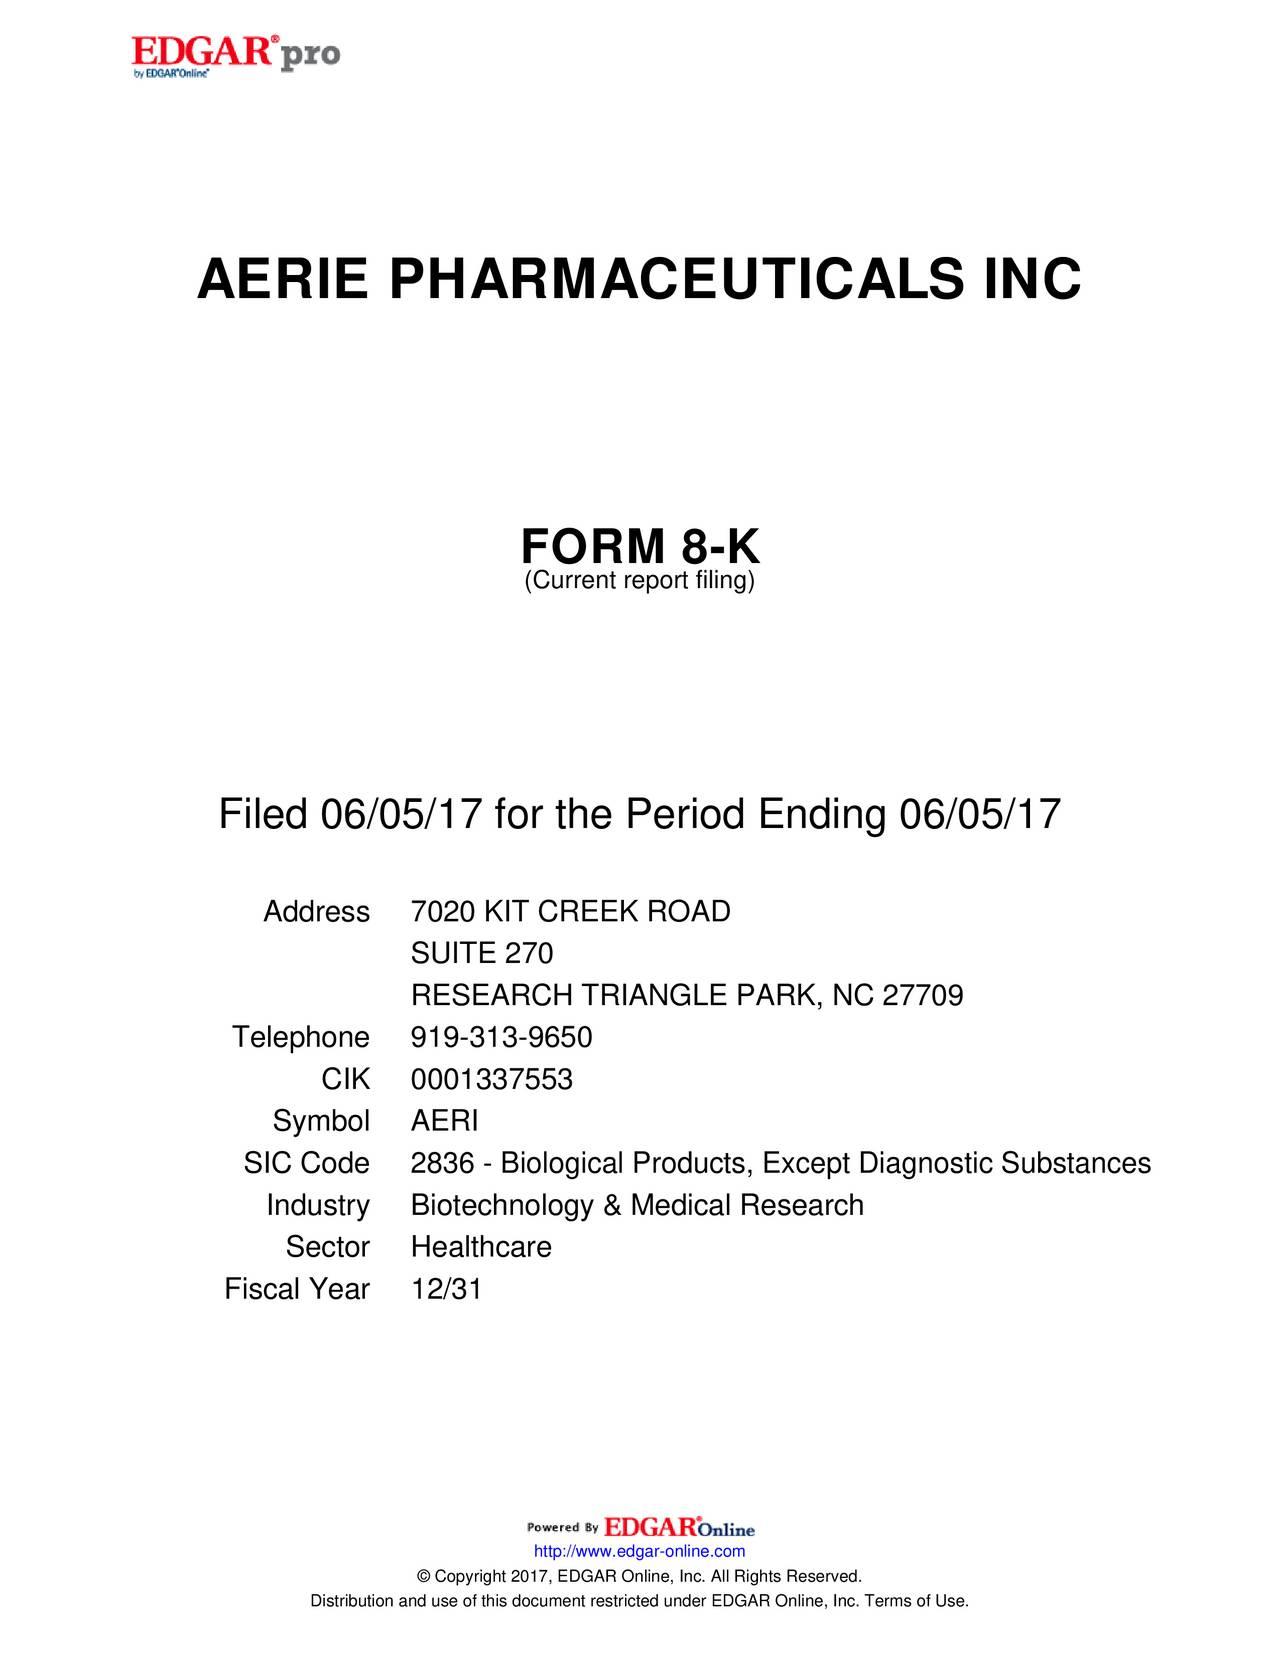 Aerie Pharmaceuticals (AERI) Investor Presentation - Slideshow ...